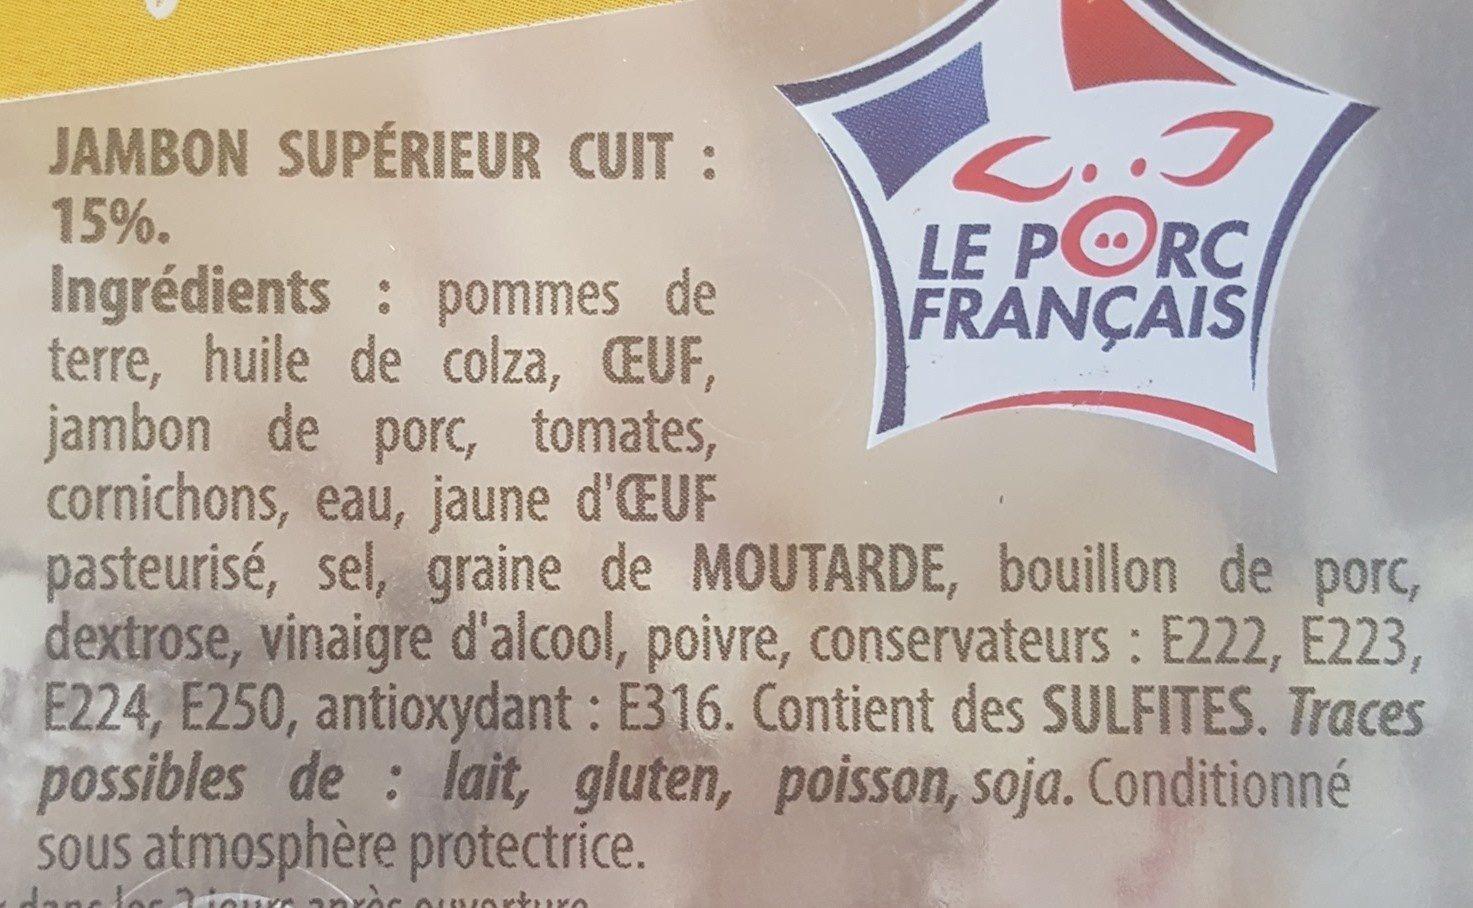 Piémontaise tradition au jambon supérieur - Ingrédients - fr